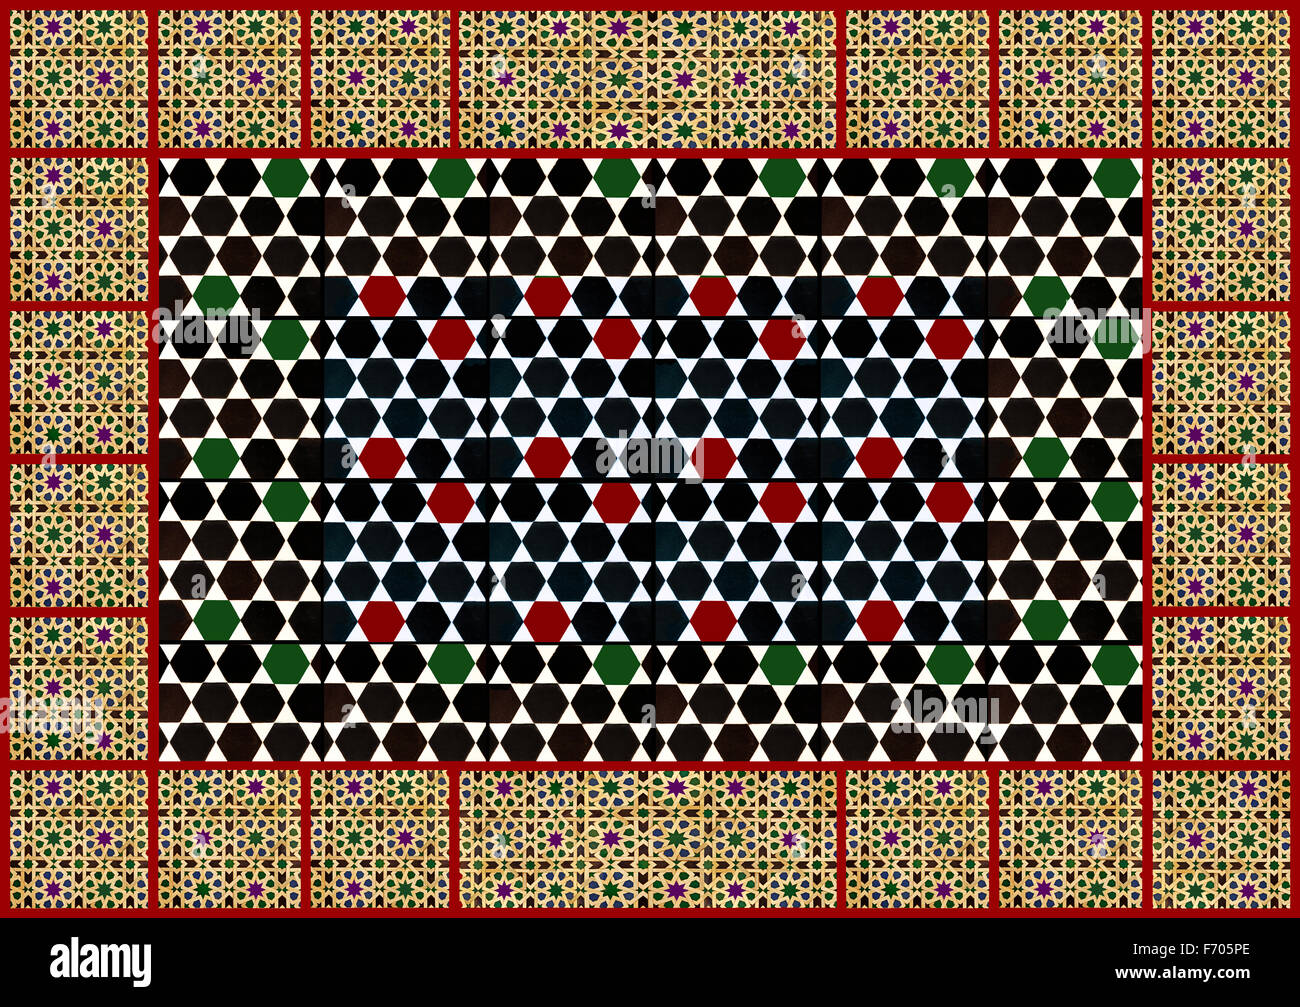 Conception géométrique mauresque carrelages - collage Photo Stock